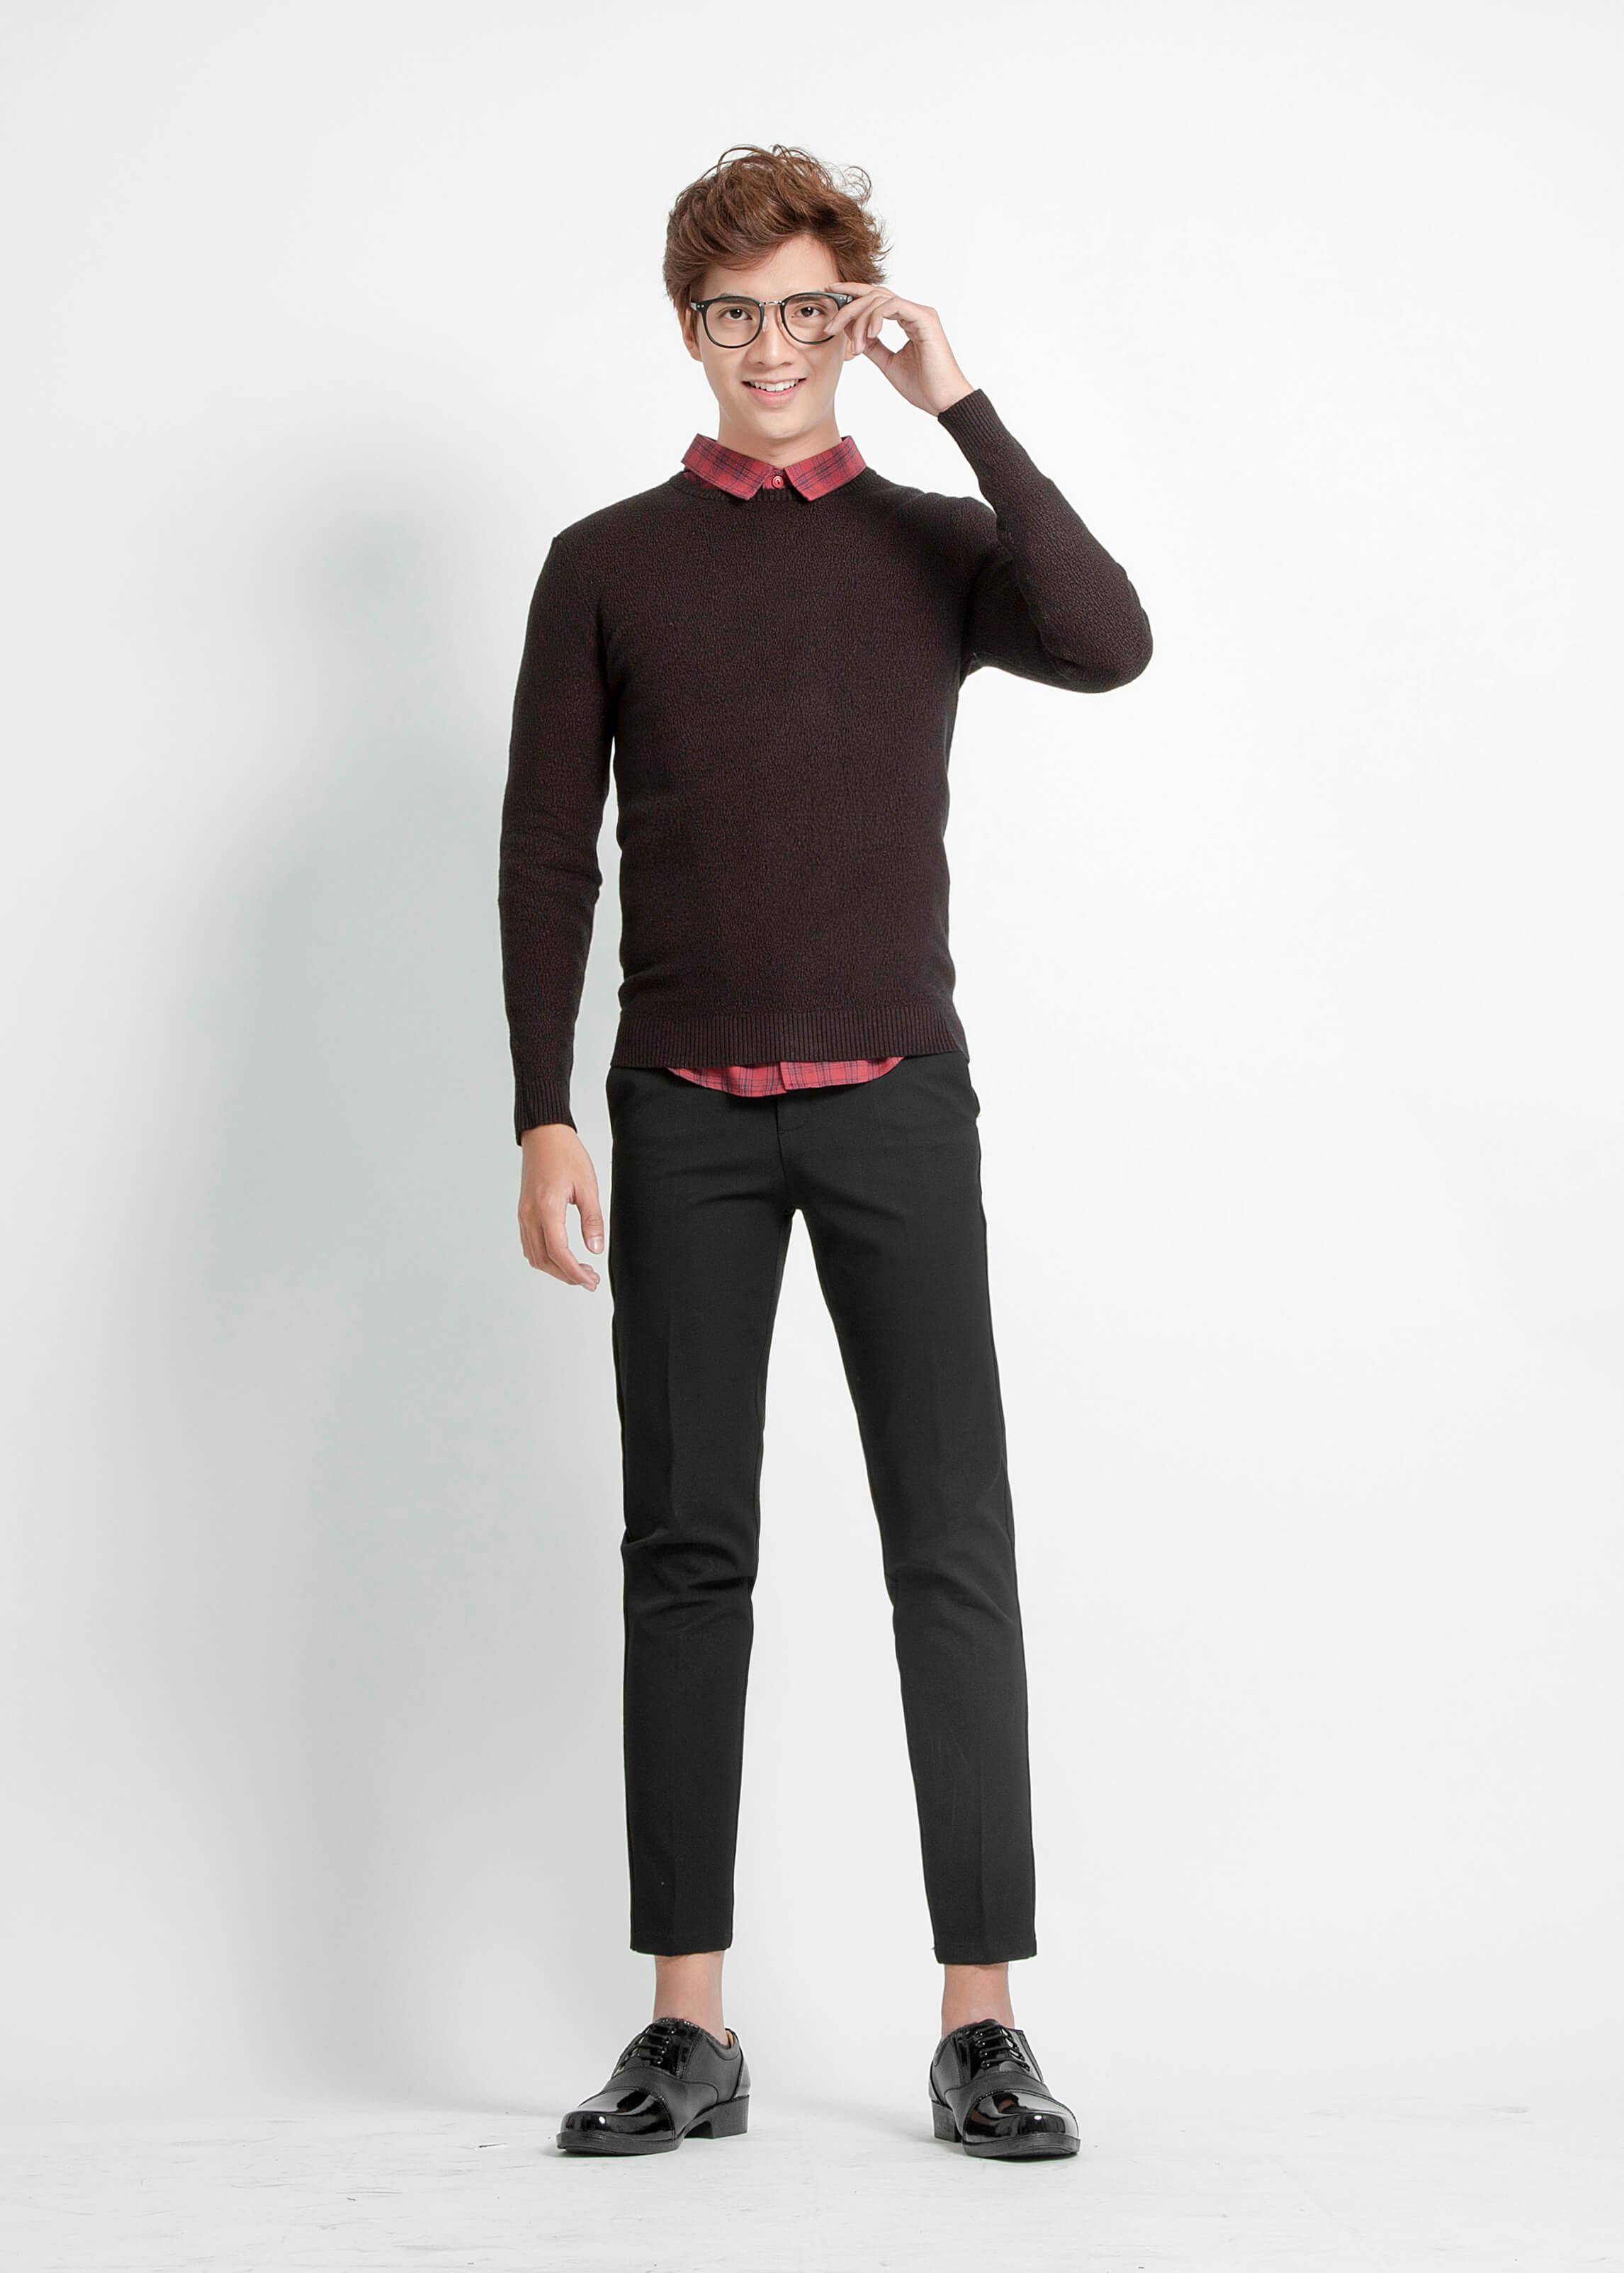 Phối áo len body với áo sơ mi